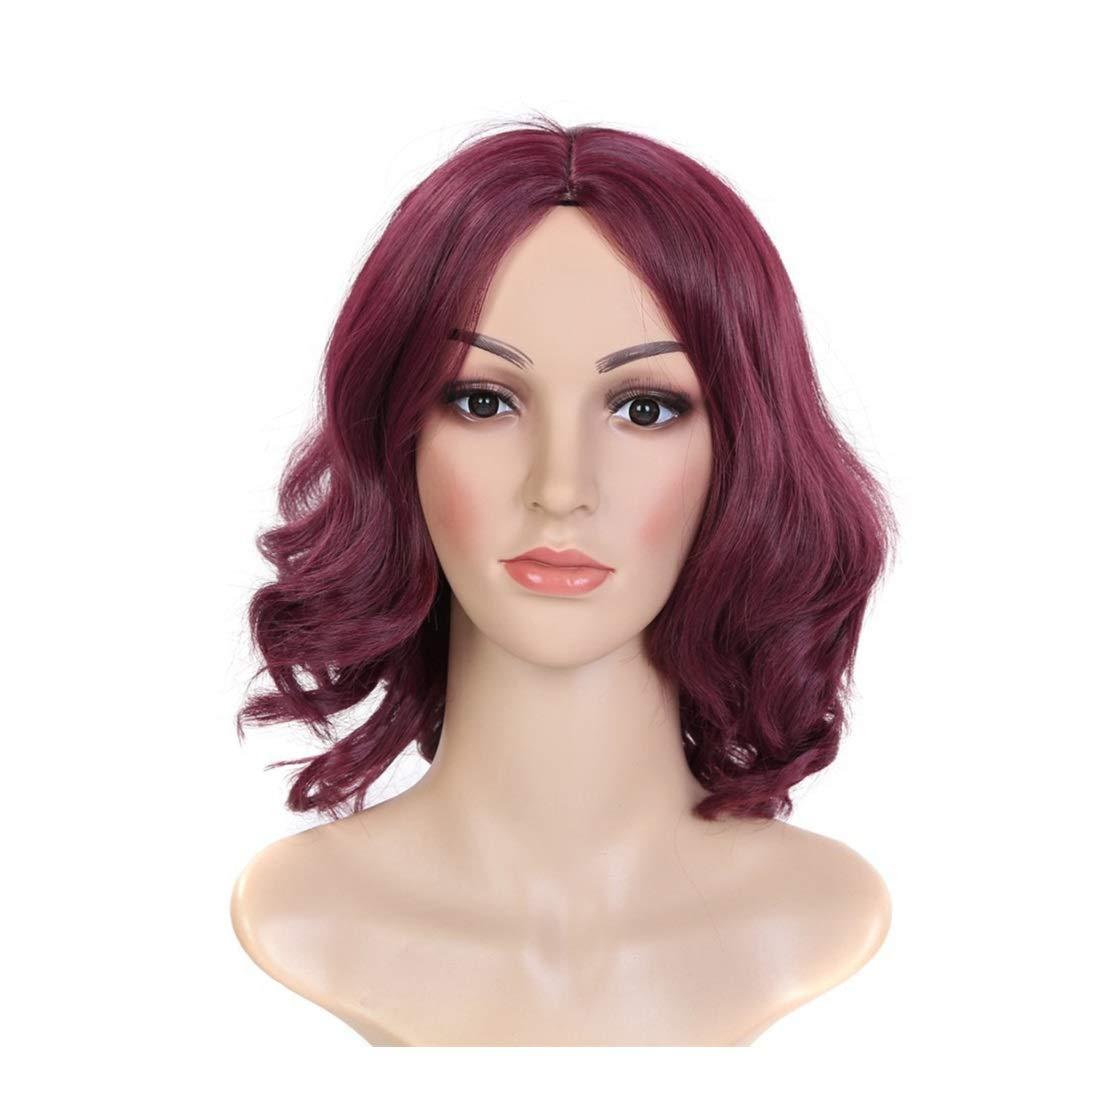 WEATLY Weinrot Temperament Split Perücke Kopfbedeckungen rasierte Gesicht Kurze lockige Haare Perücke für Frauen (Farbe   rot Wine) B07HP1B9D5 Perücken & Haarteile für Erwachsene Zart | Zuverlässiger Ruf